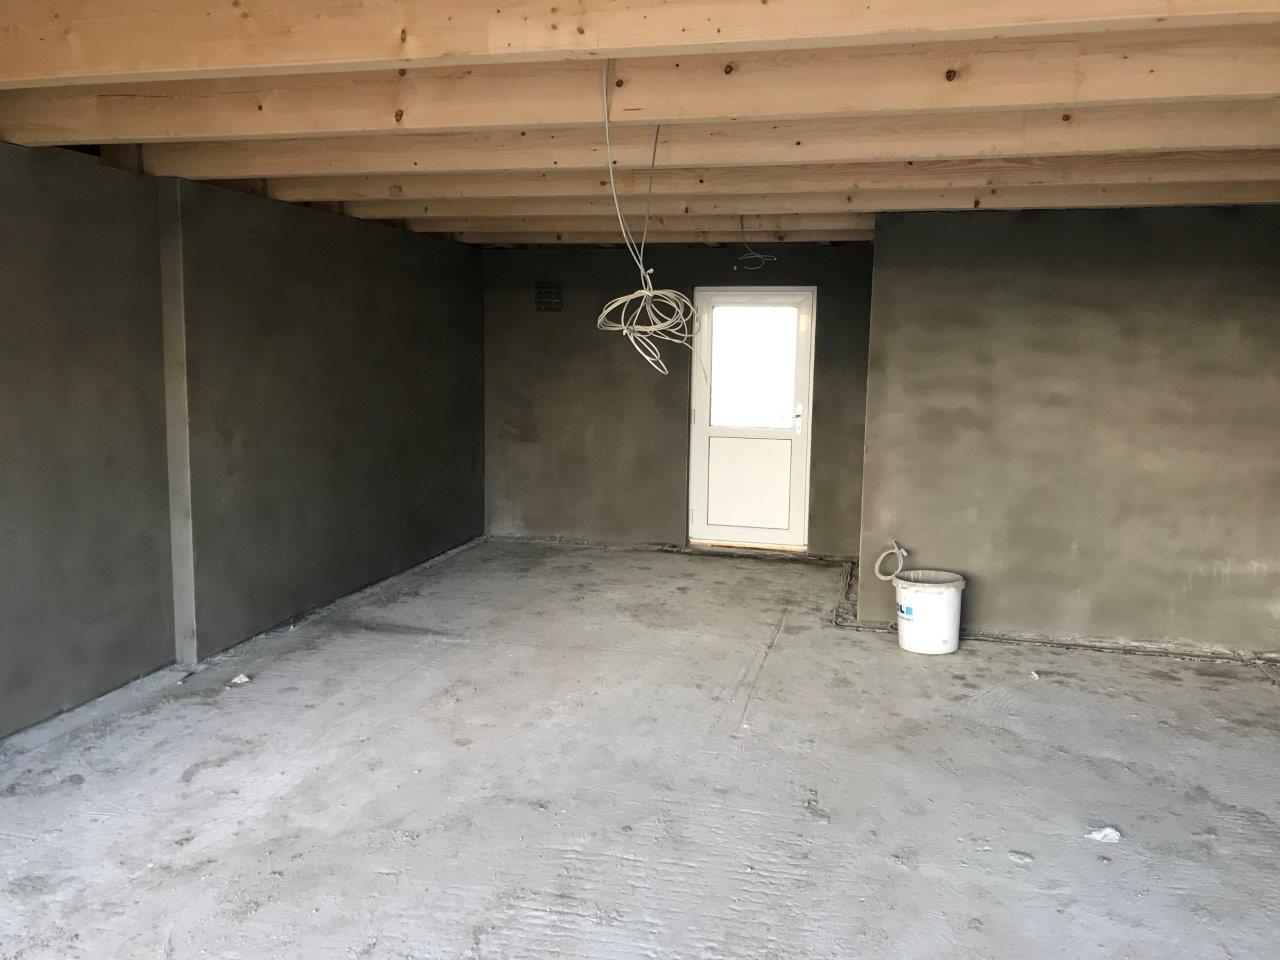 Bevorzugt Bautagebuch von Thommy und Stephan: Die Garage ist verputzt und MU13